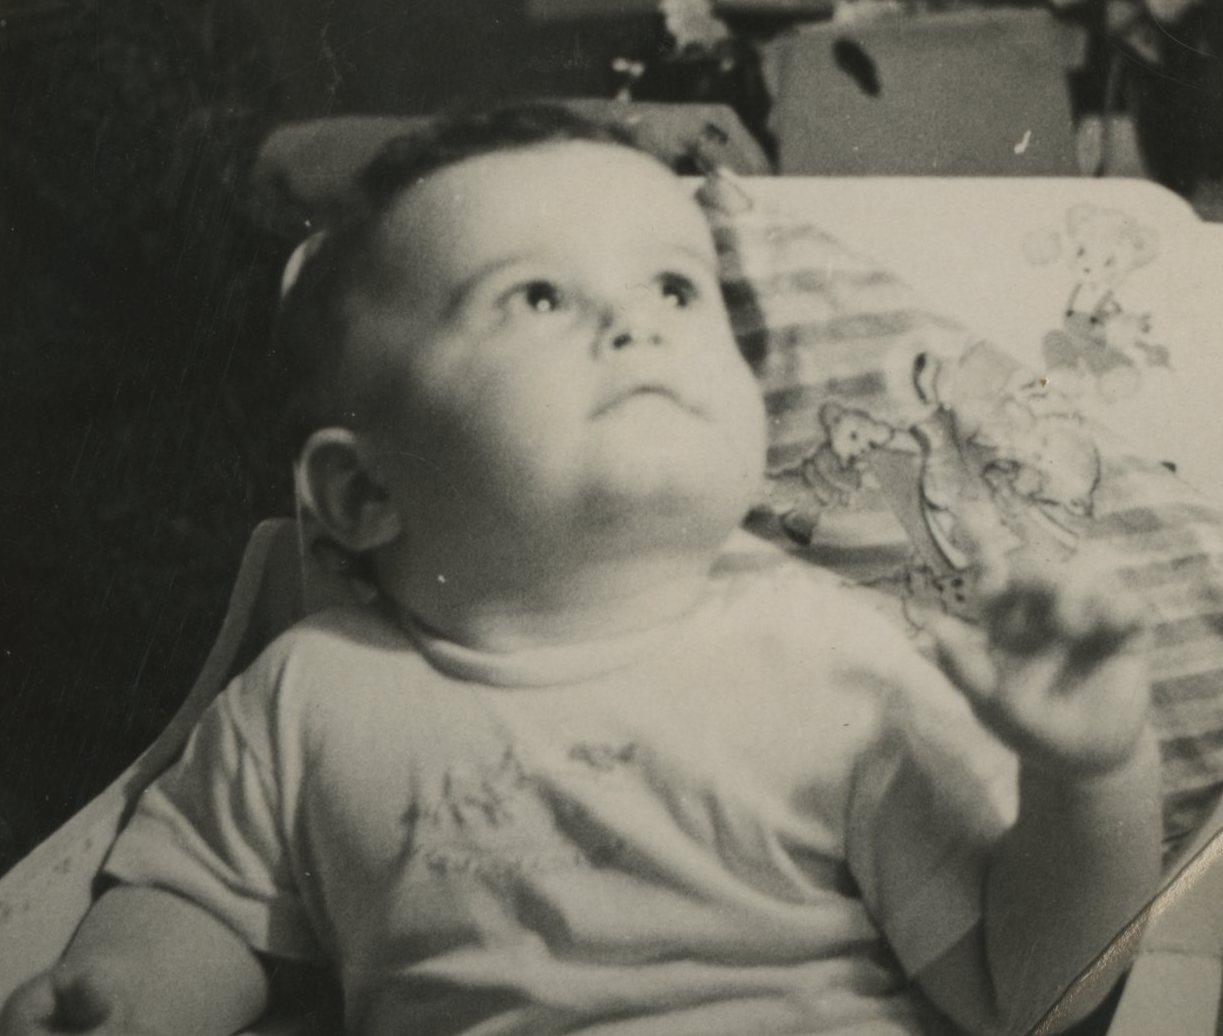 Niko Sifnaghel -- ca 1951, Guayaquil